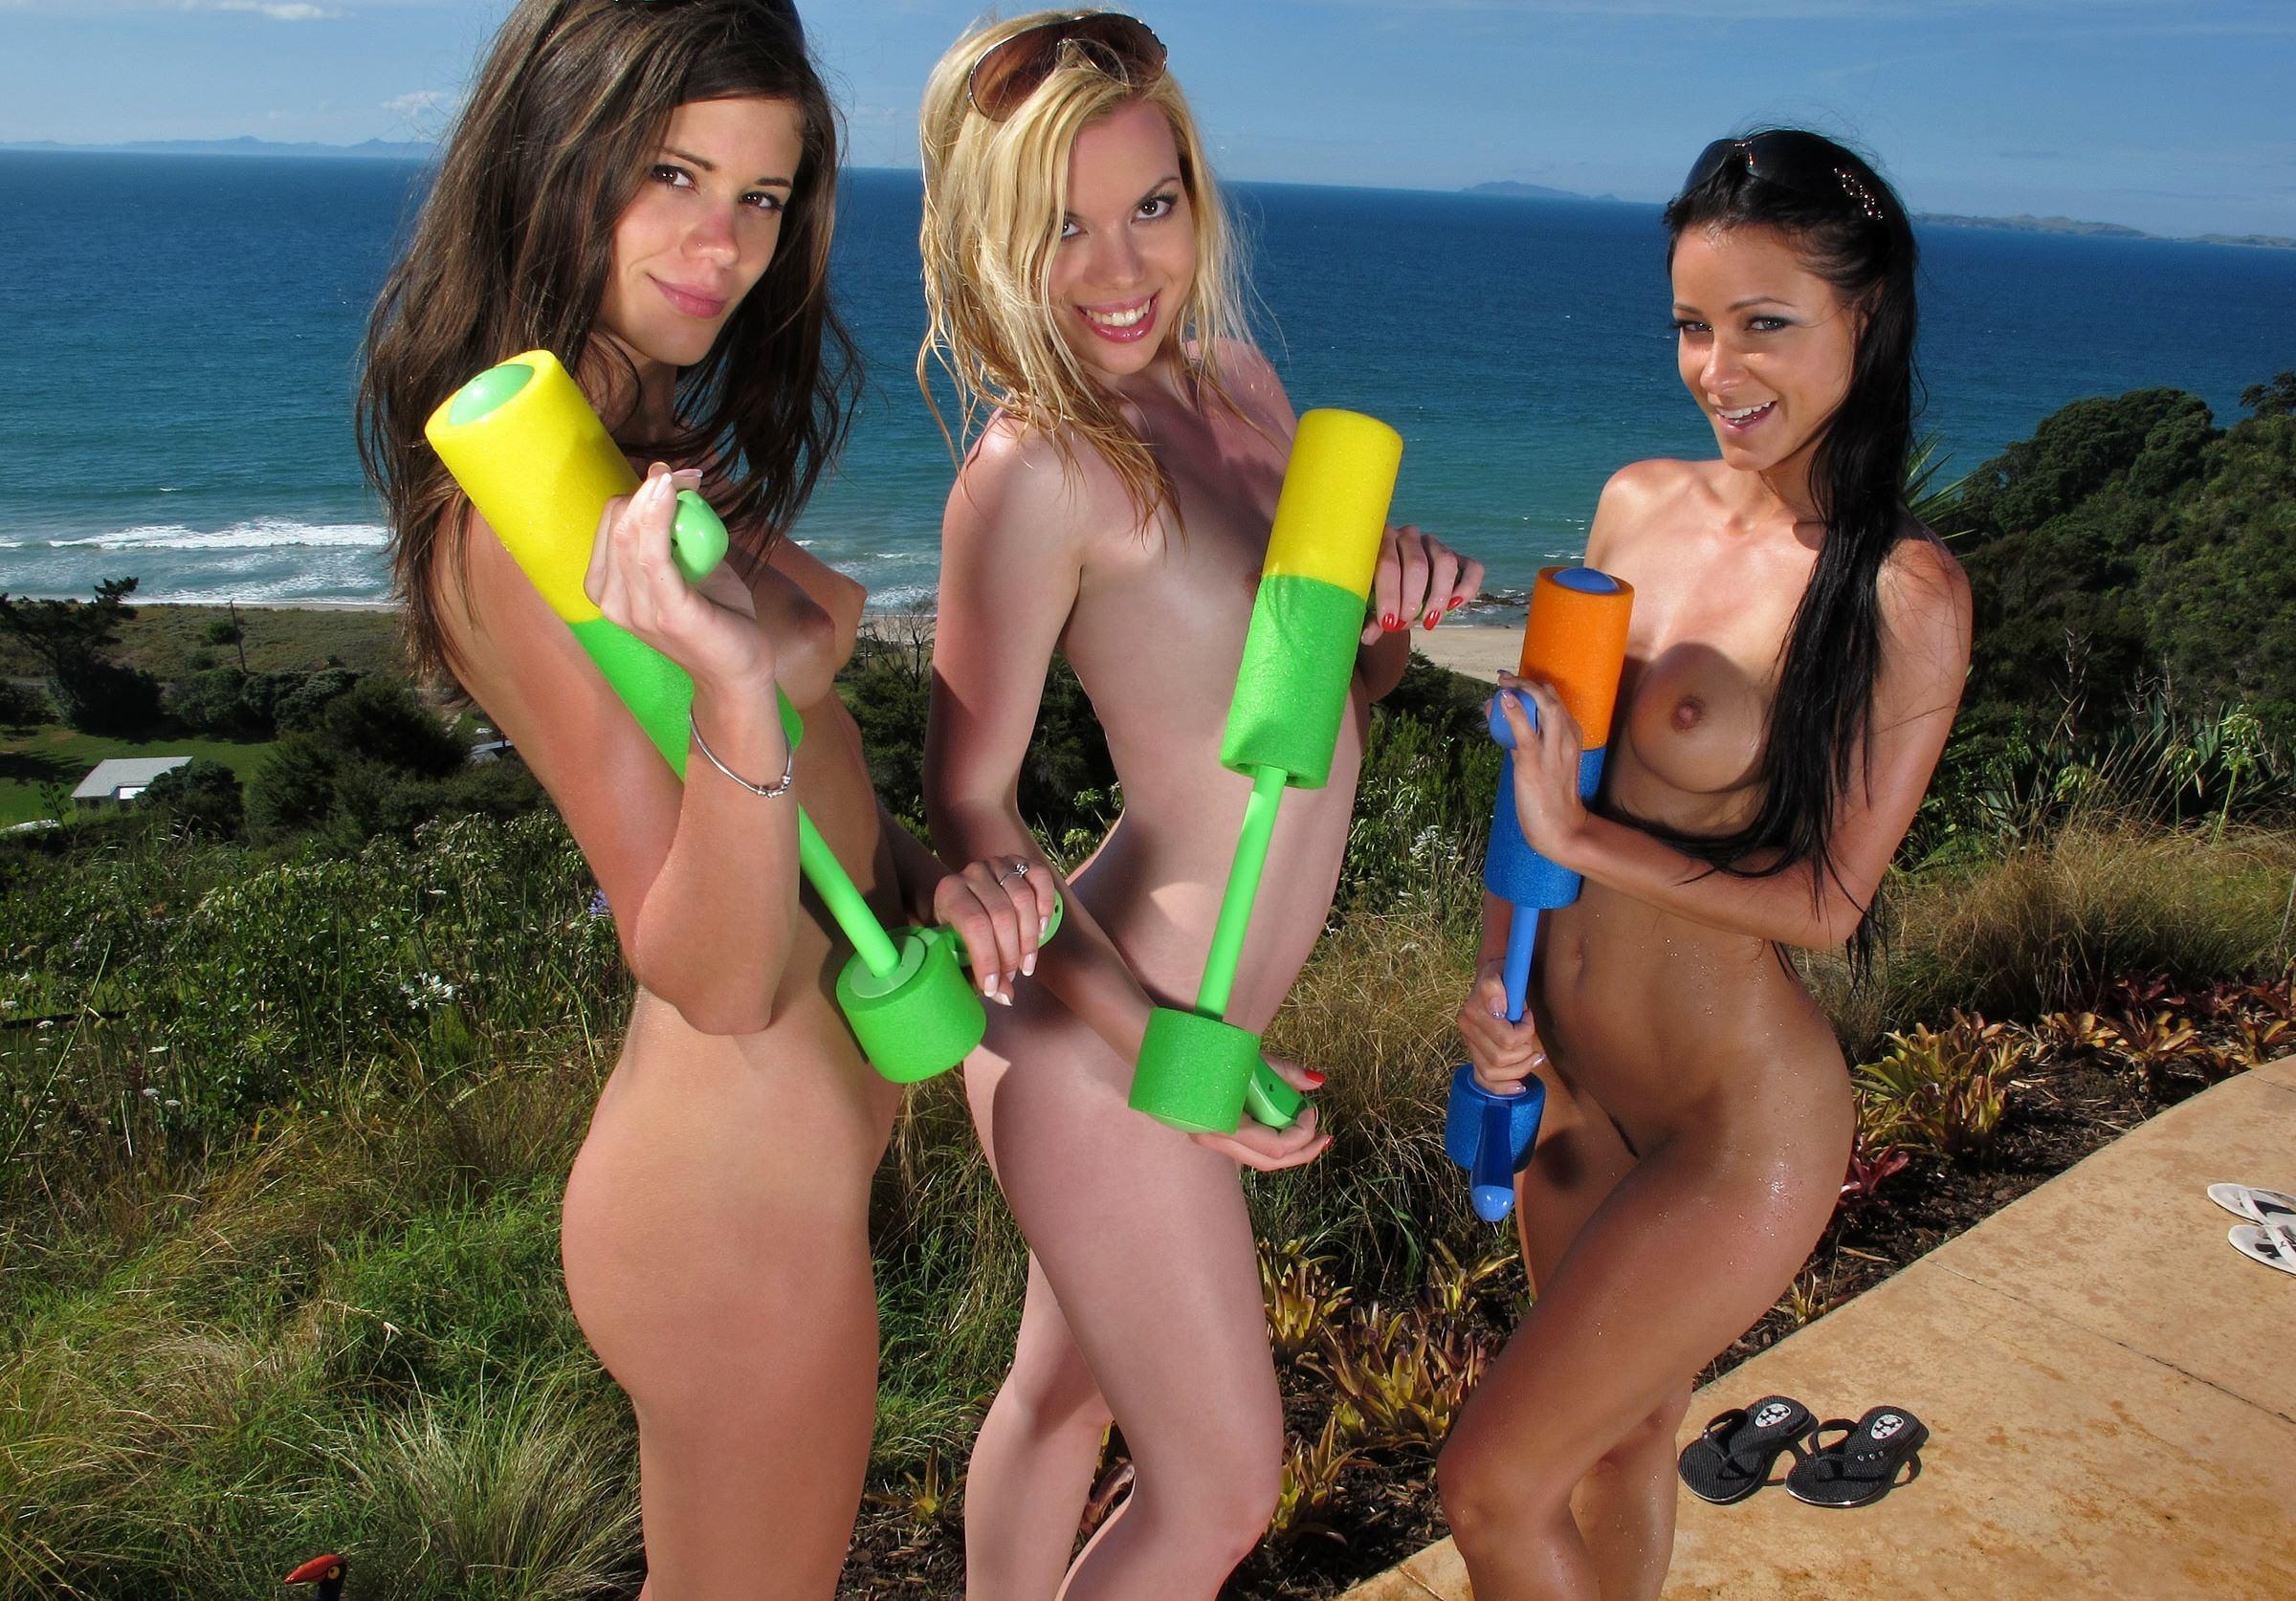 Фото Три веселые подружки взяли водные пистолеты и разделись до гола у моря, скачать картинку бесплатно